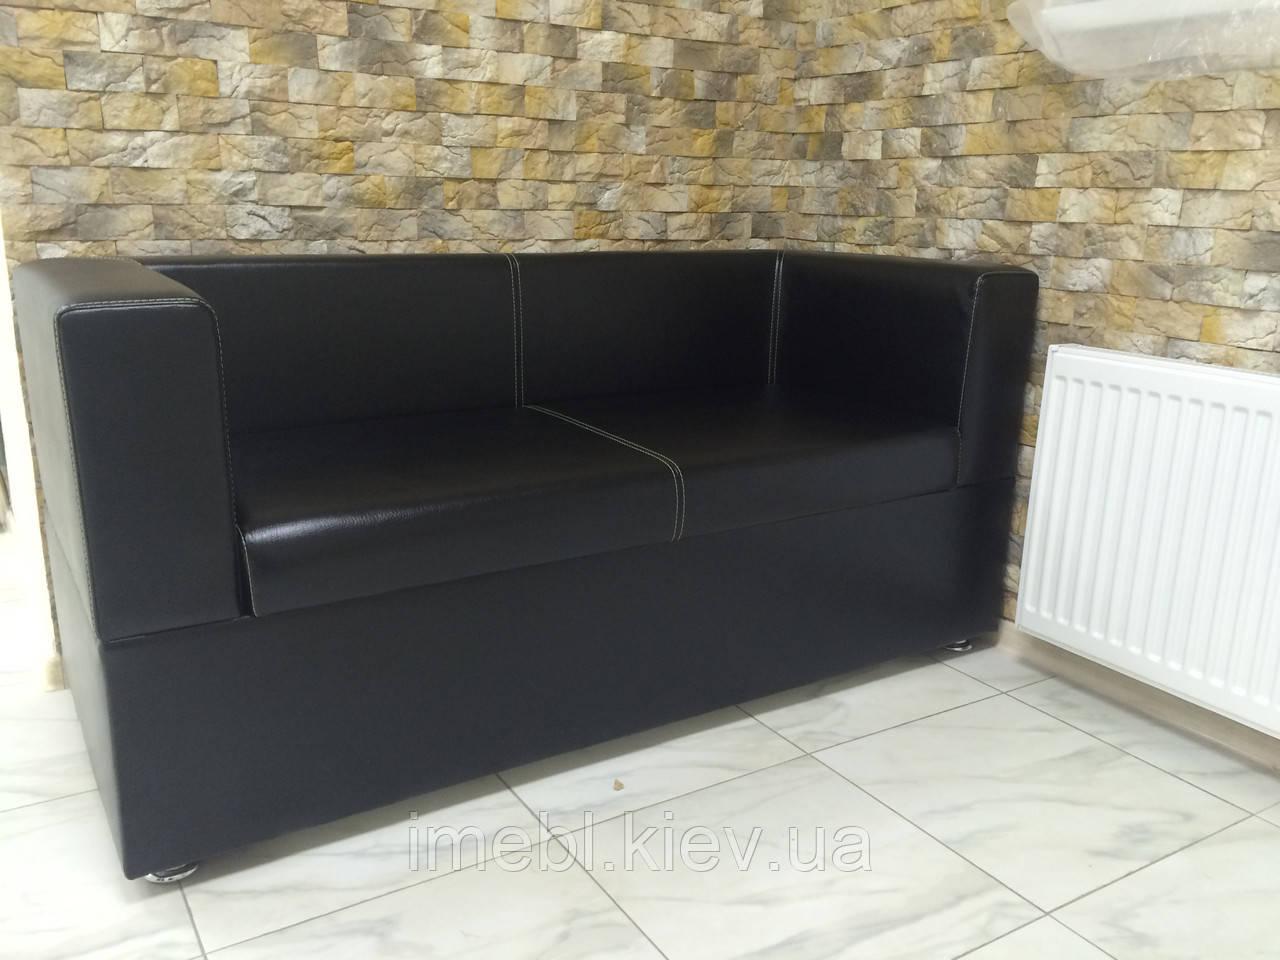 Черные диваны с доставкой